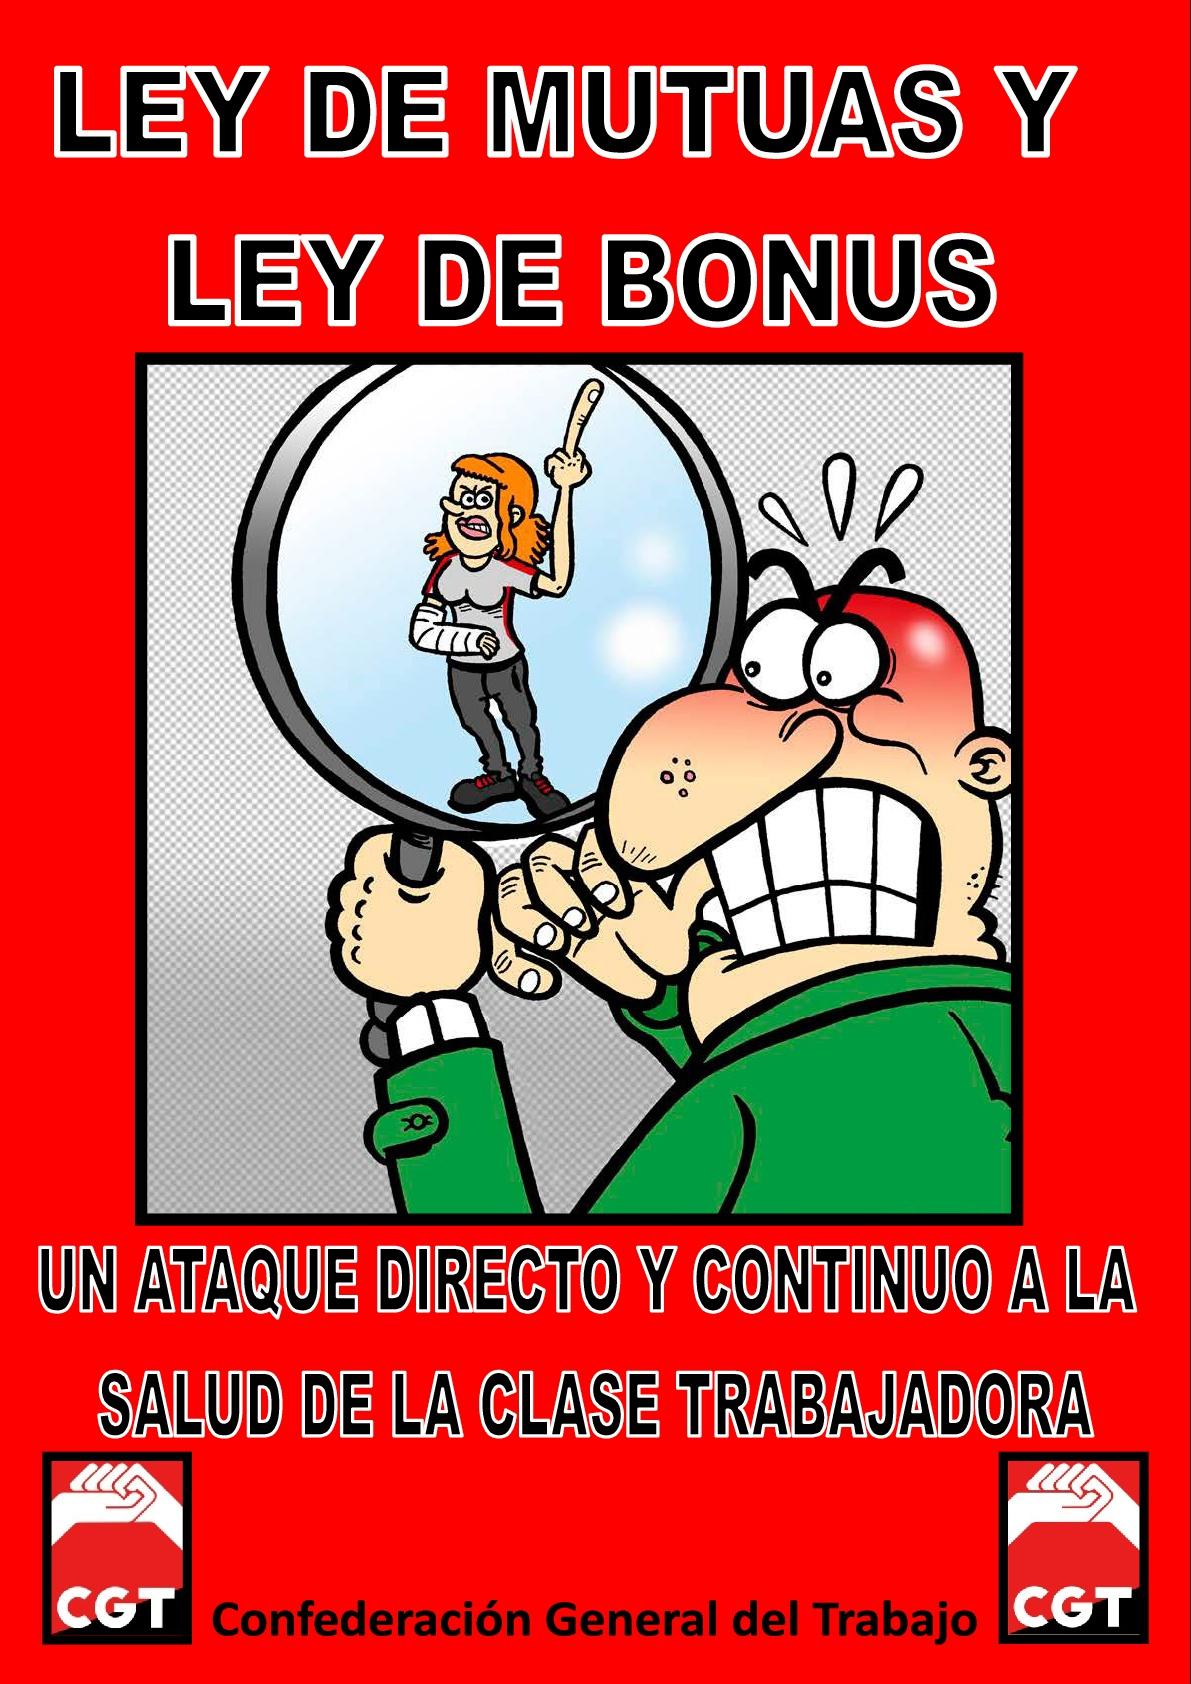 ley-de-mutuas-y-bonus-001